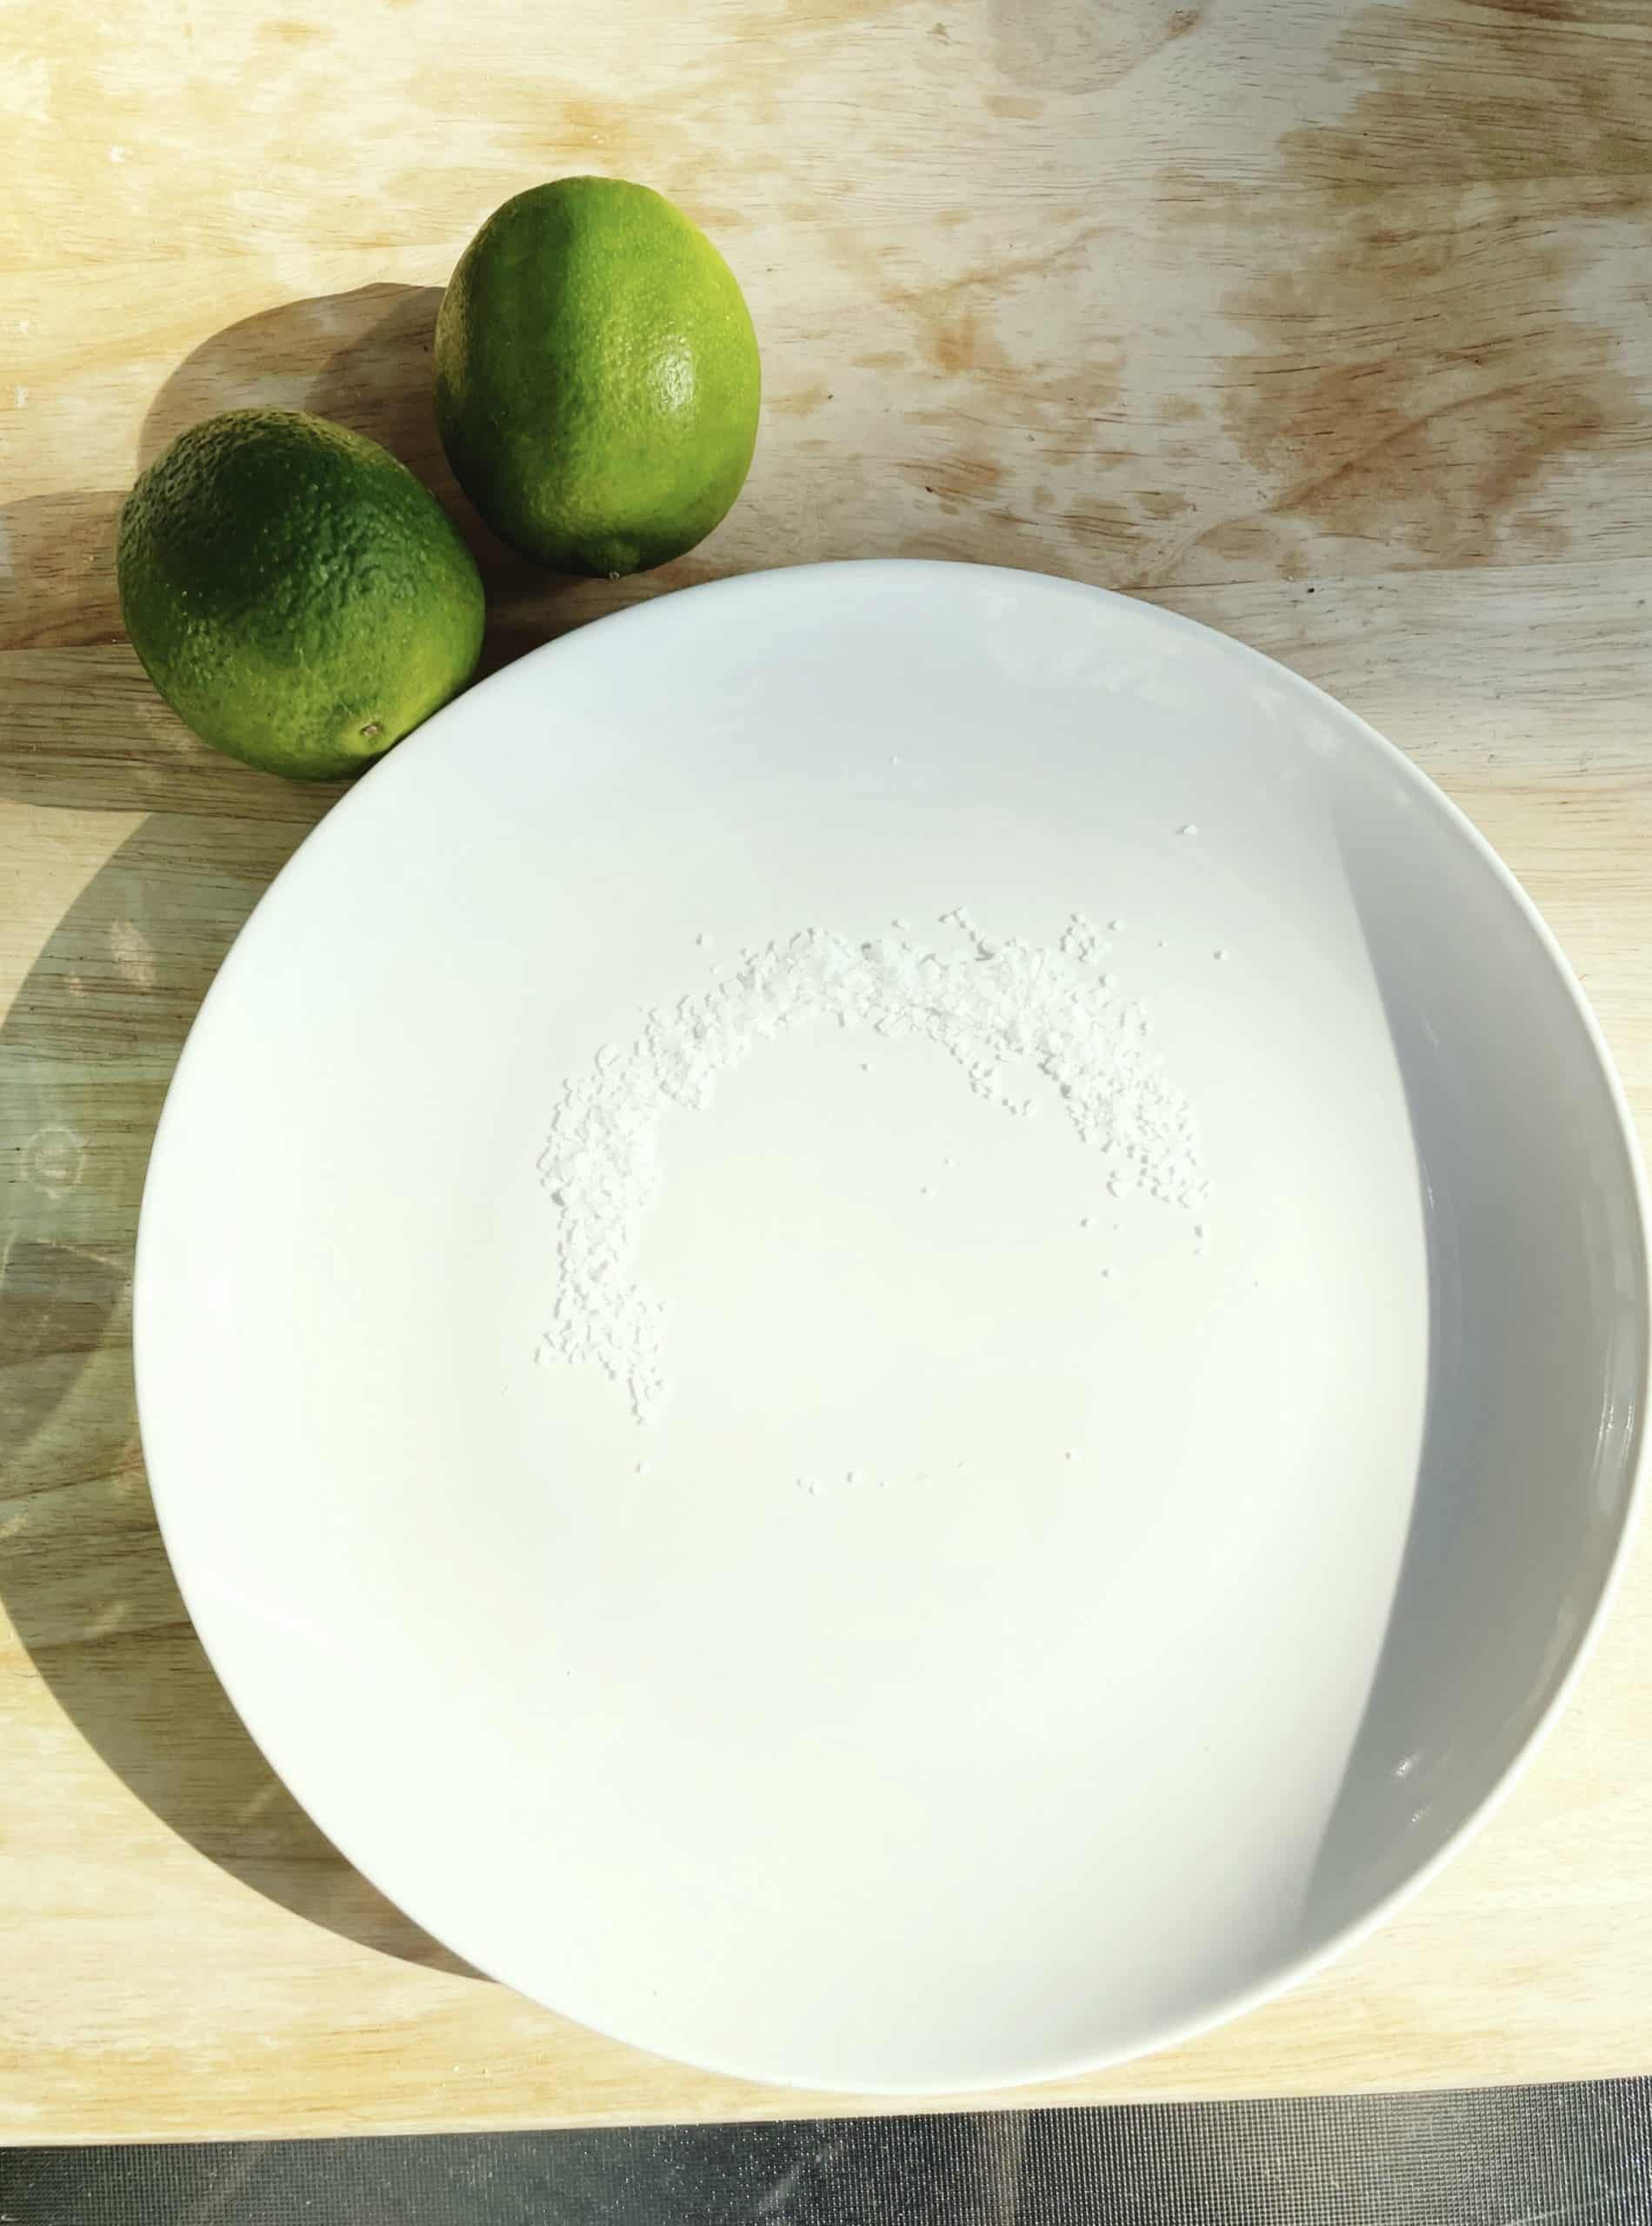 salt on plate for healthy margarita